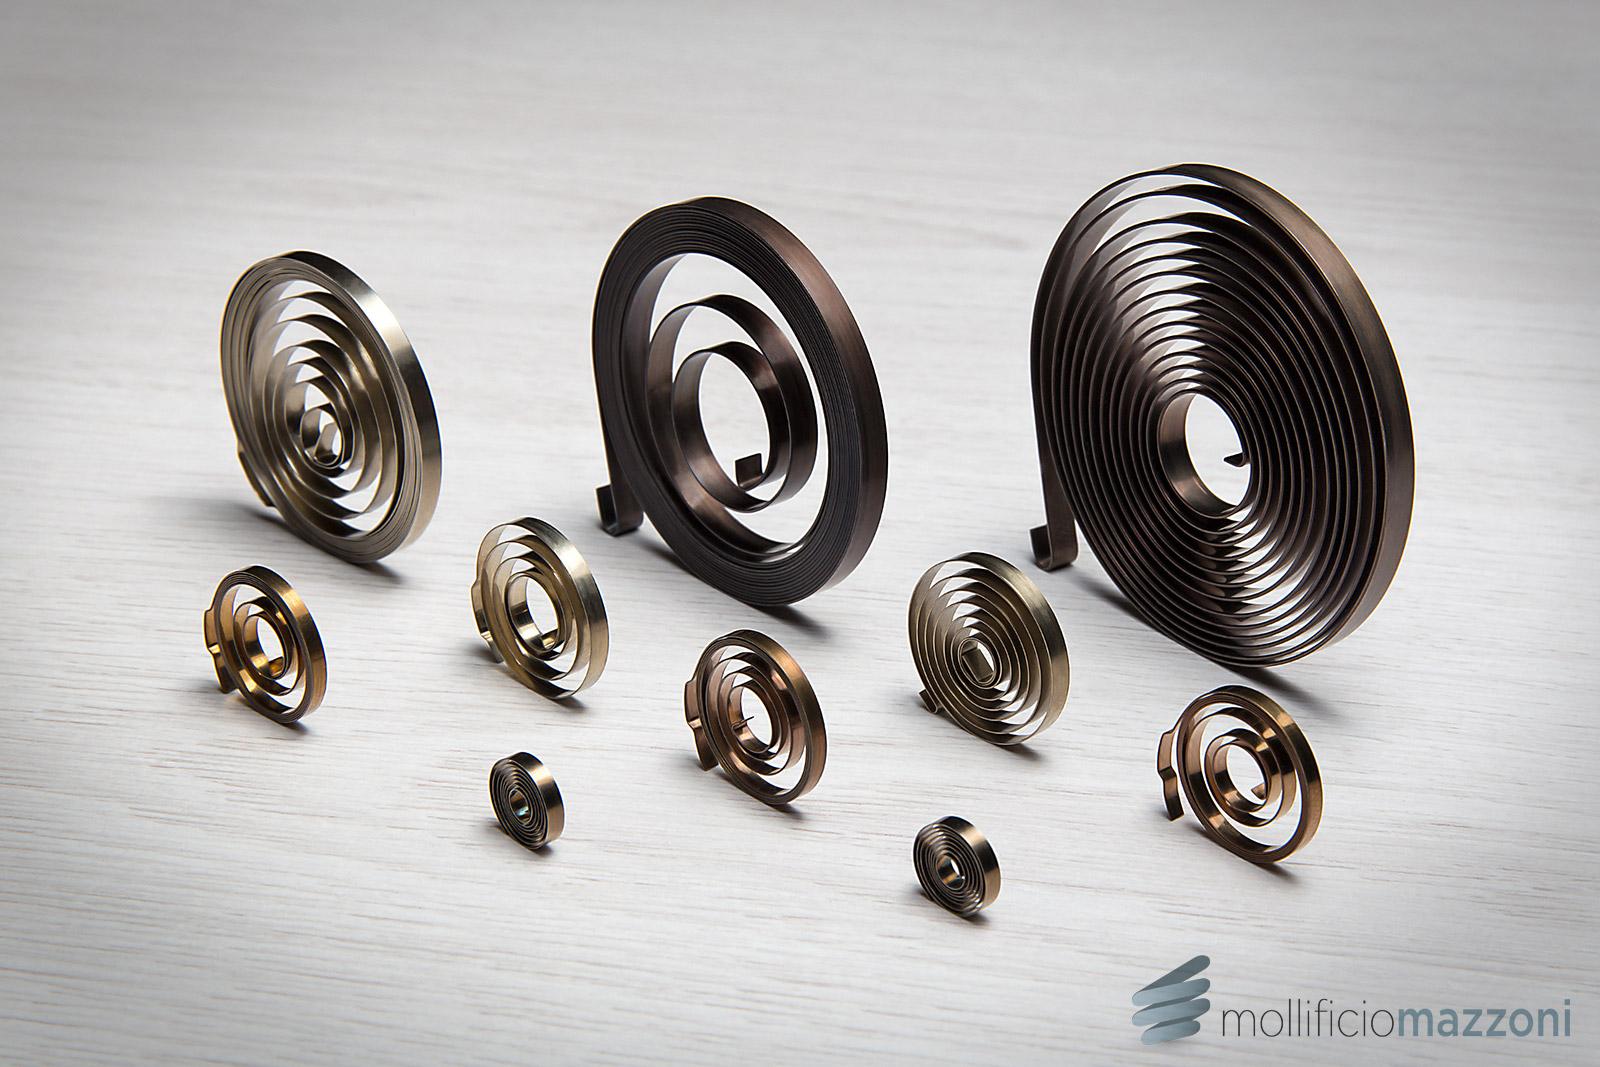 mollificio-mazzoni-molle-spirale-02